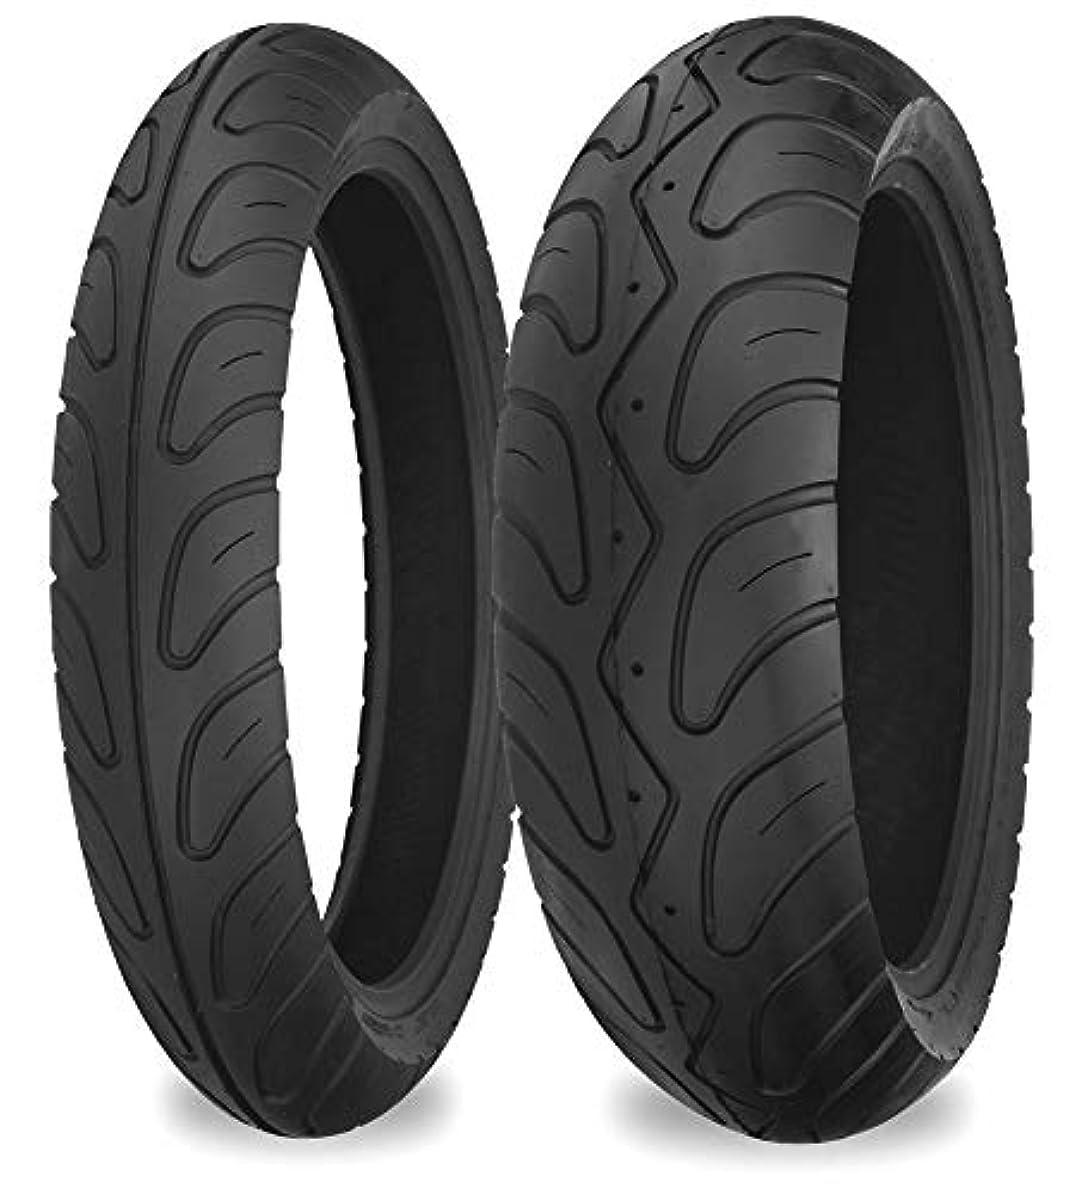 資本主義コート同意Shinko 006 Podium Rear Tire - 180/55ZR-17/-- by Shinko